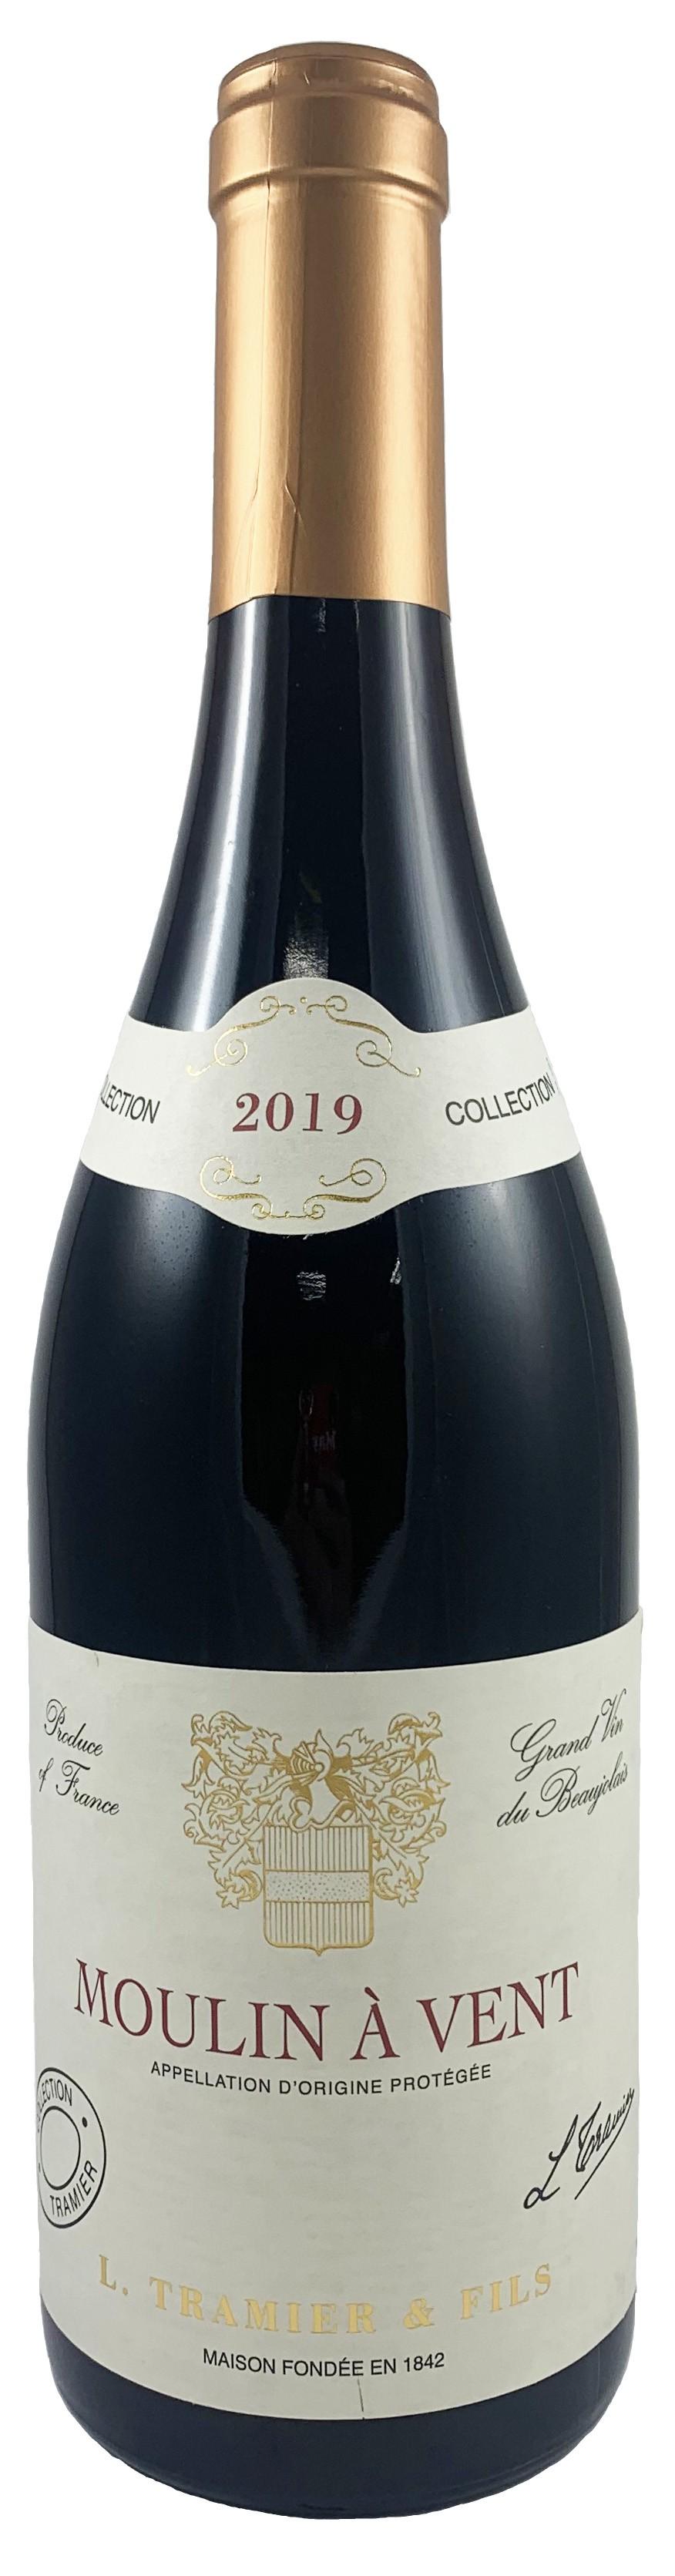 法國 鉈尼酒莊 風車產區 特級紅葡萄酒2019